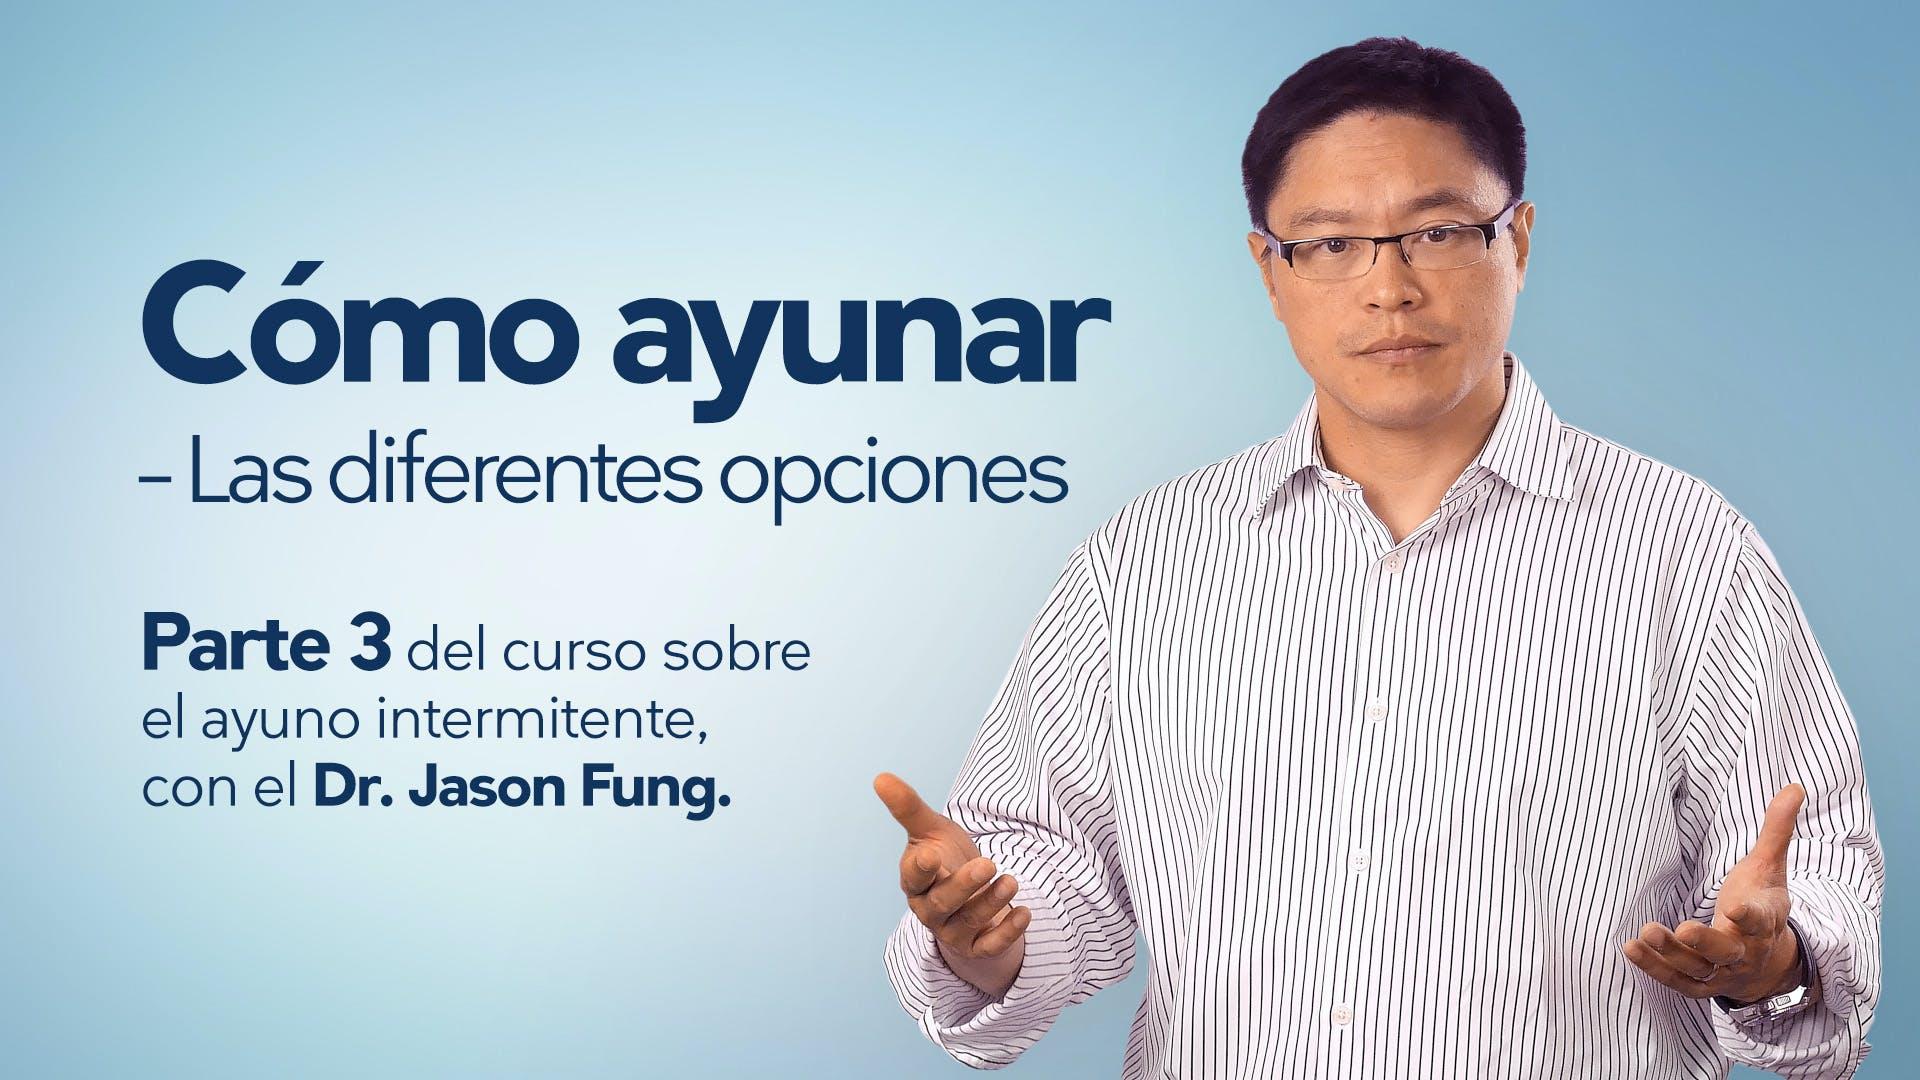 Cómo ayunar - Dr. Jason Fung